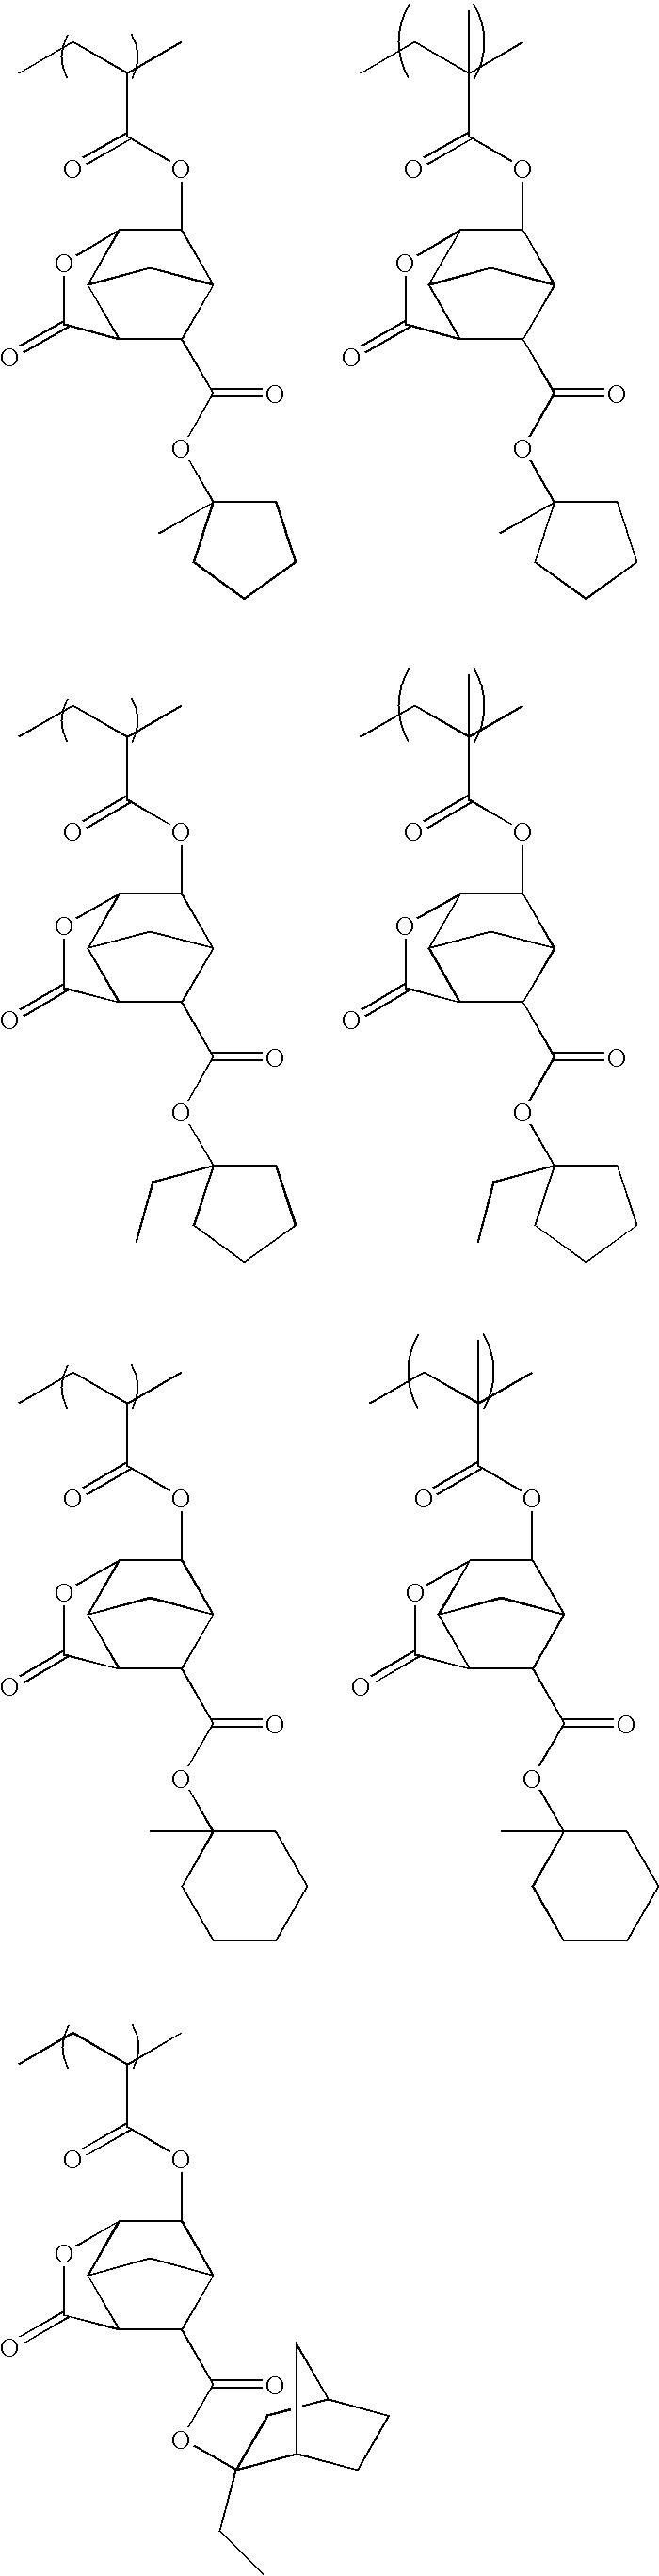 Figure US20090280434A1-20091112-C00038